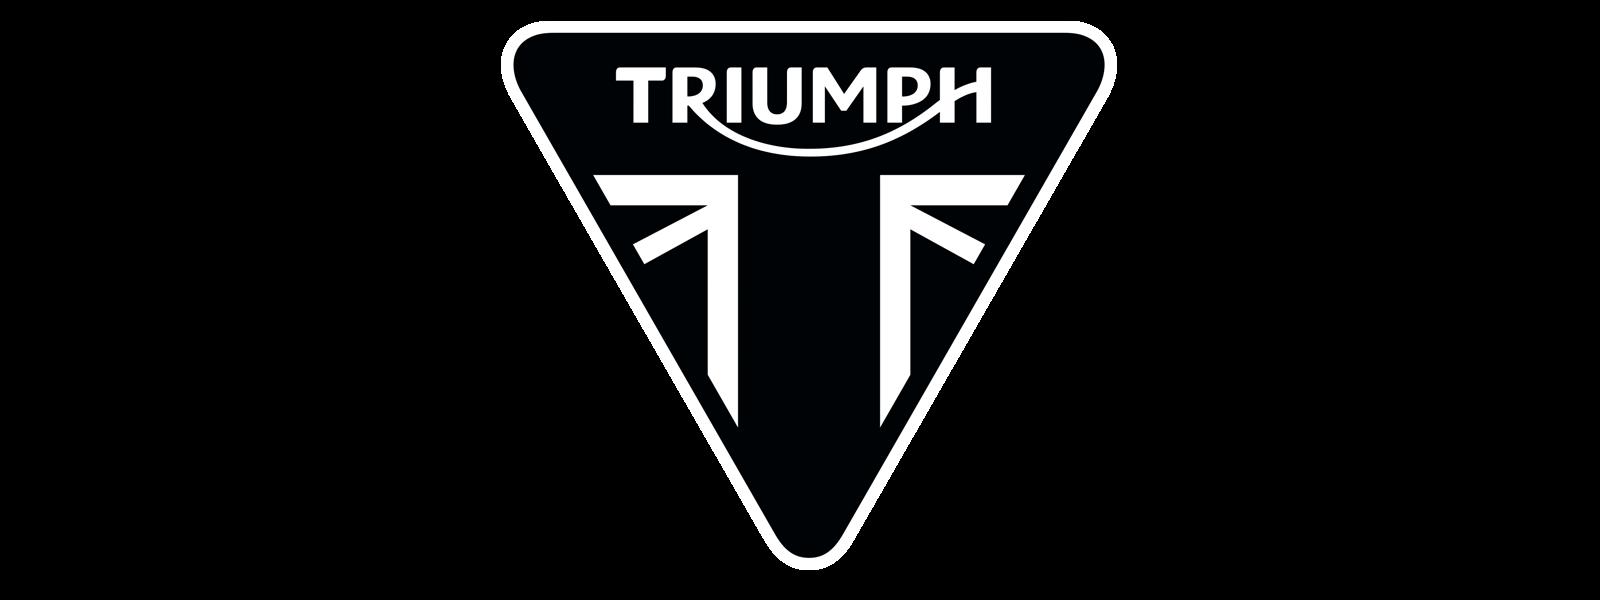 Triumph 2017 prisliste